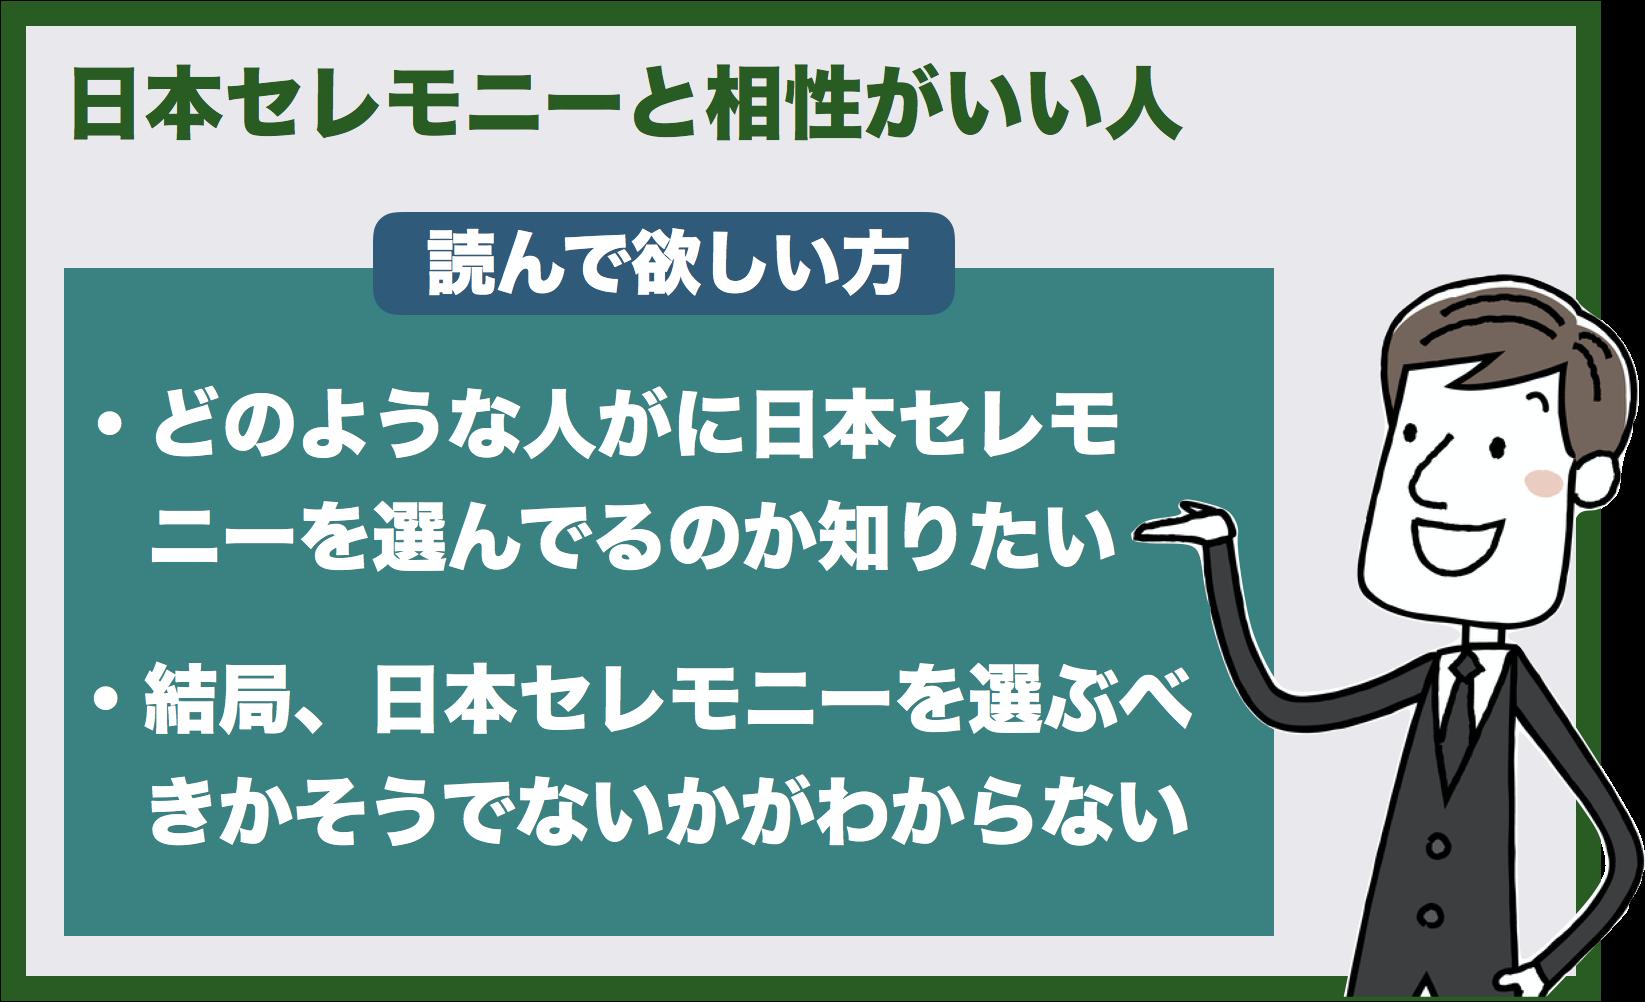 参照:日本セレモニー 相性